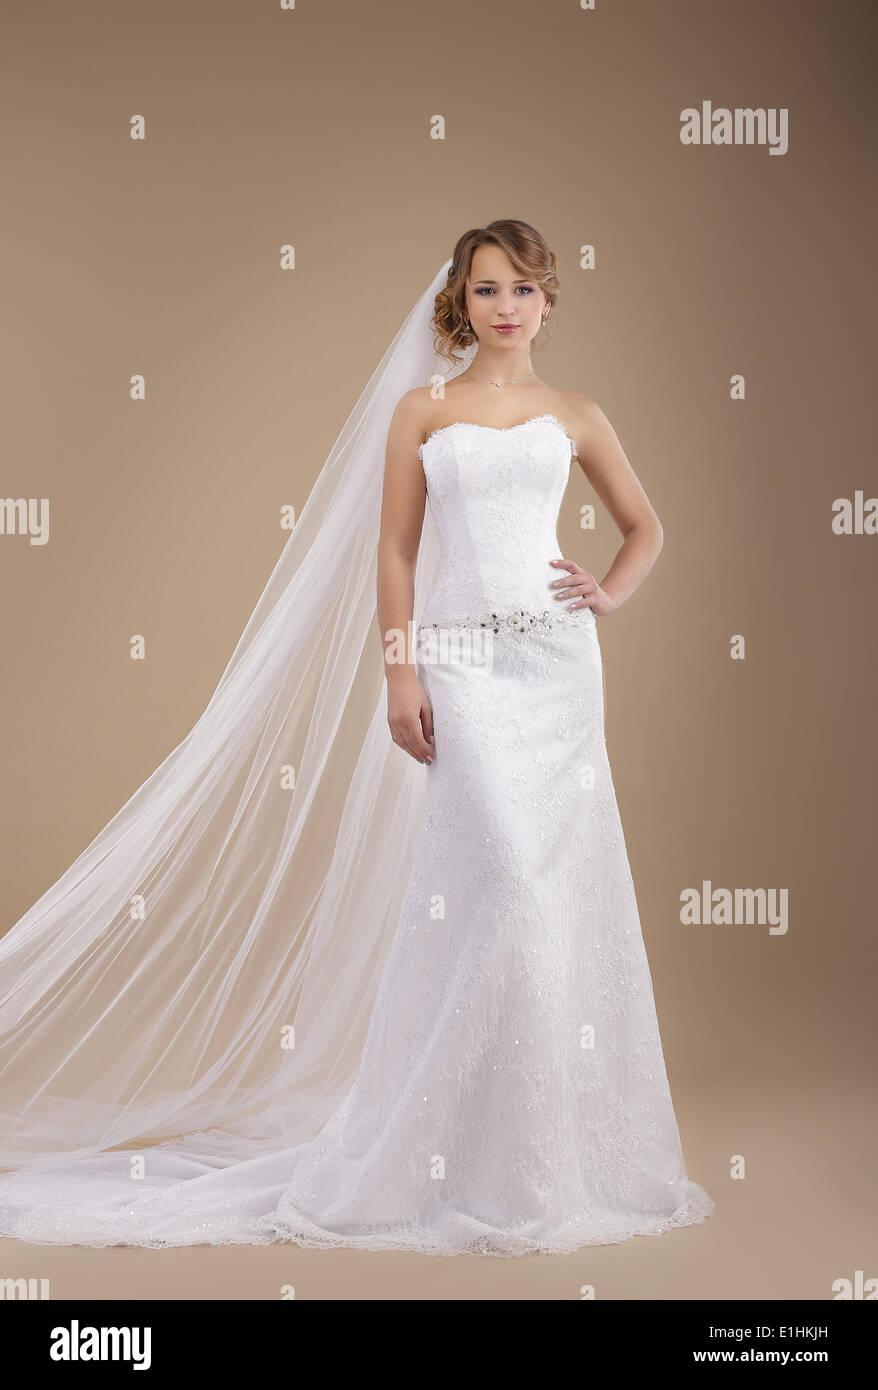 El compromiso. Vestidos de novia vestidos de marfil sin mangas y un velo Imagen De Stock